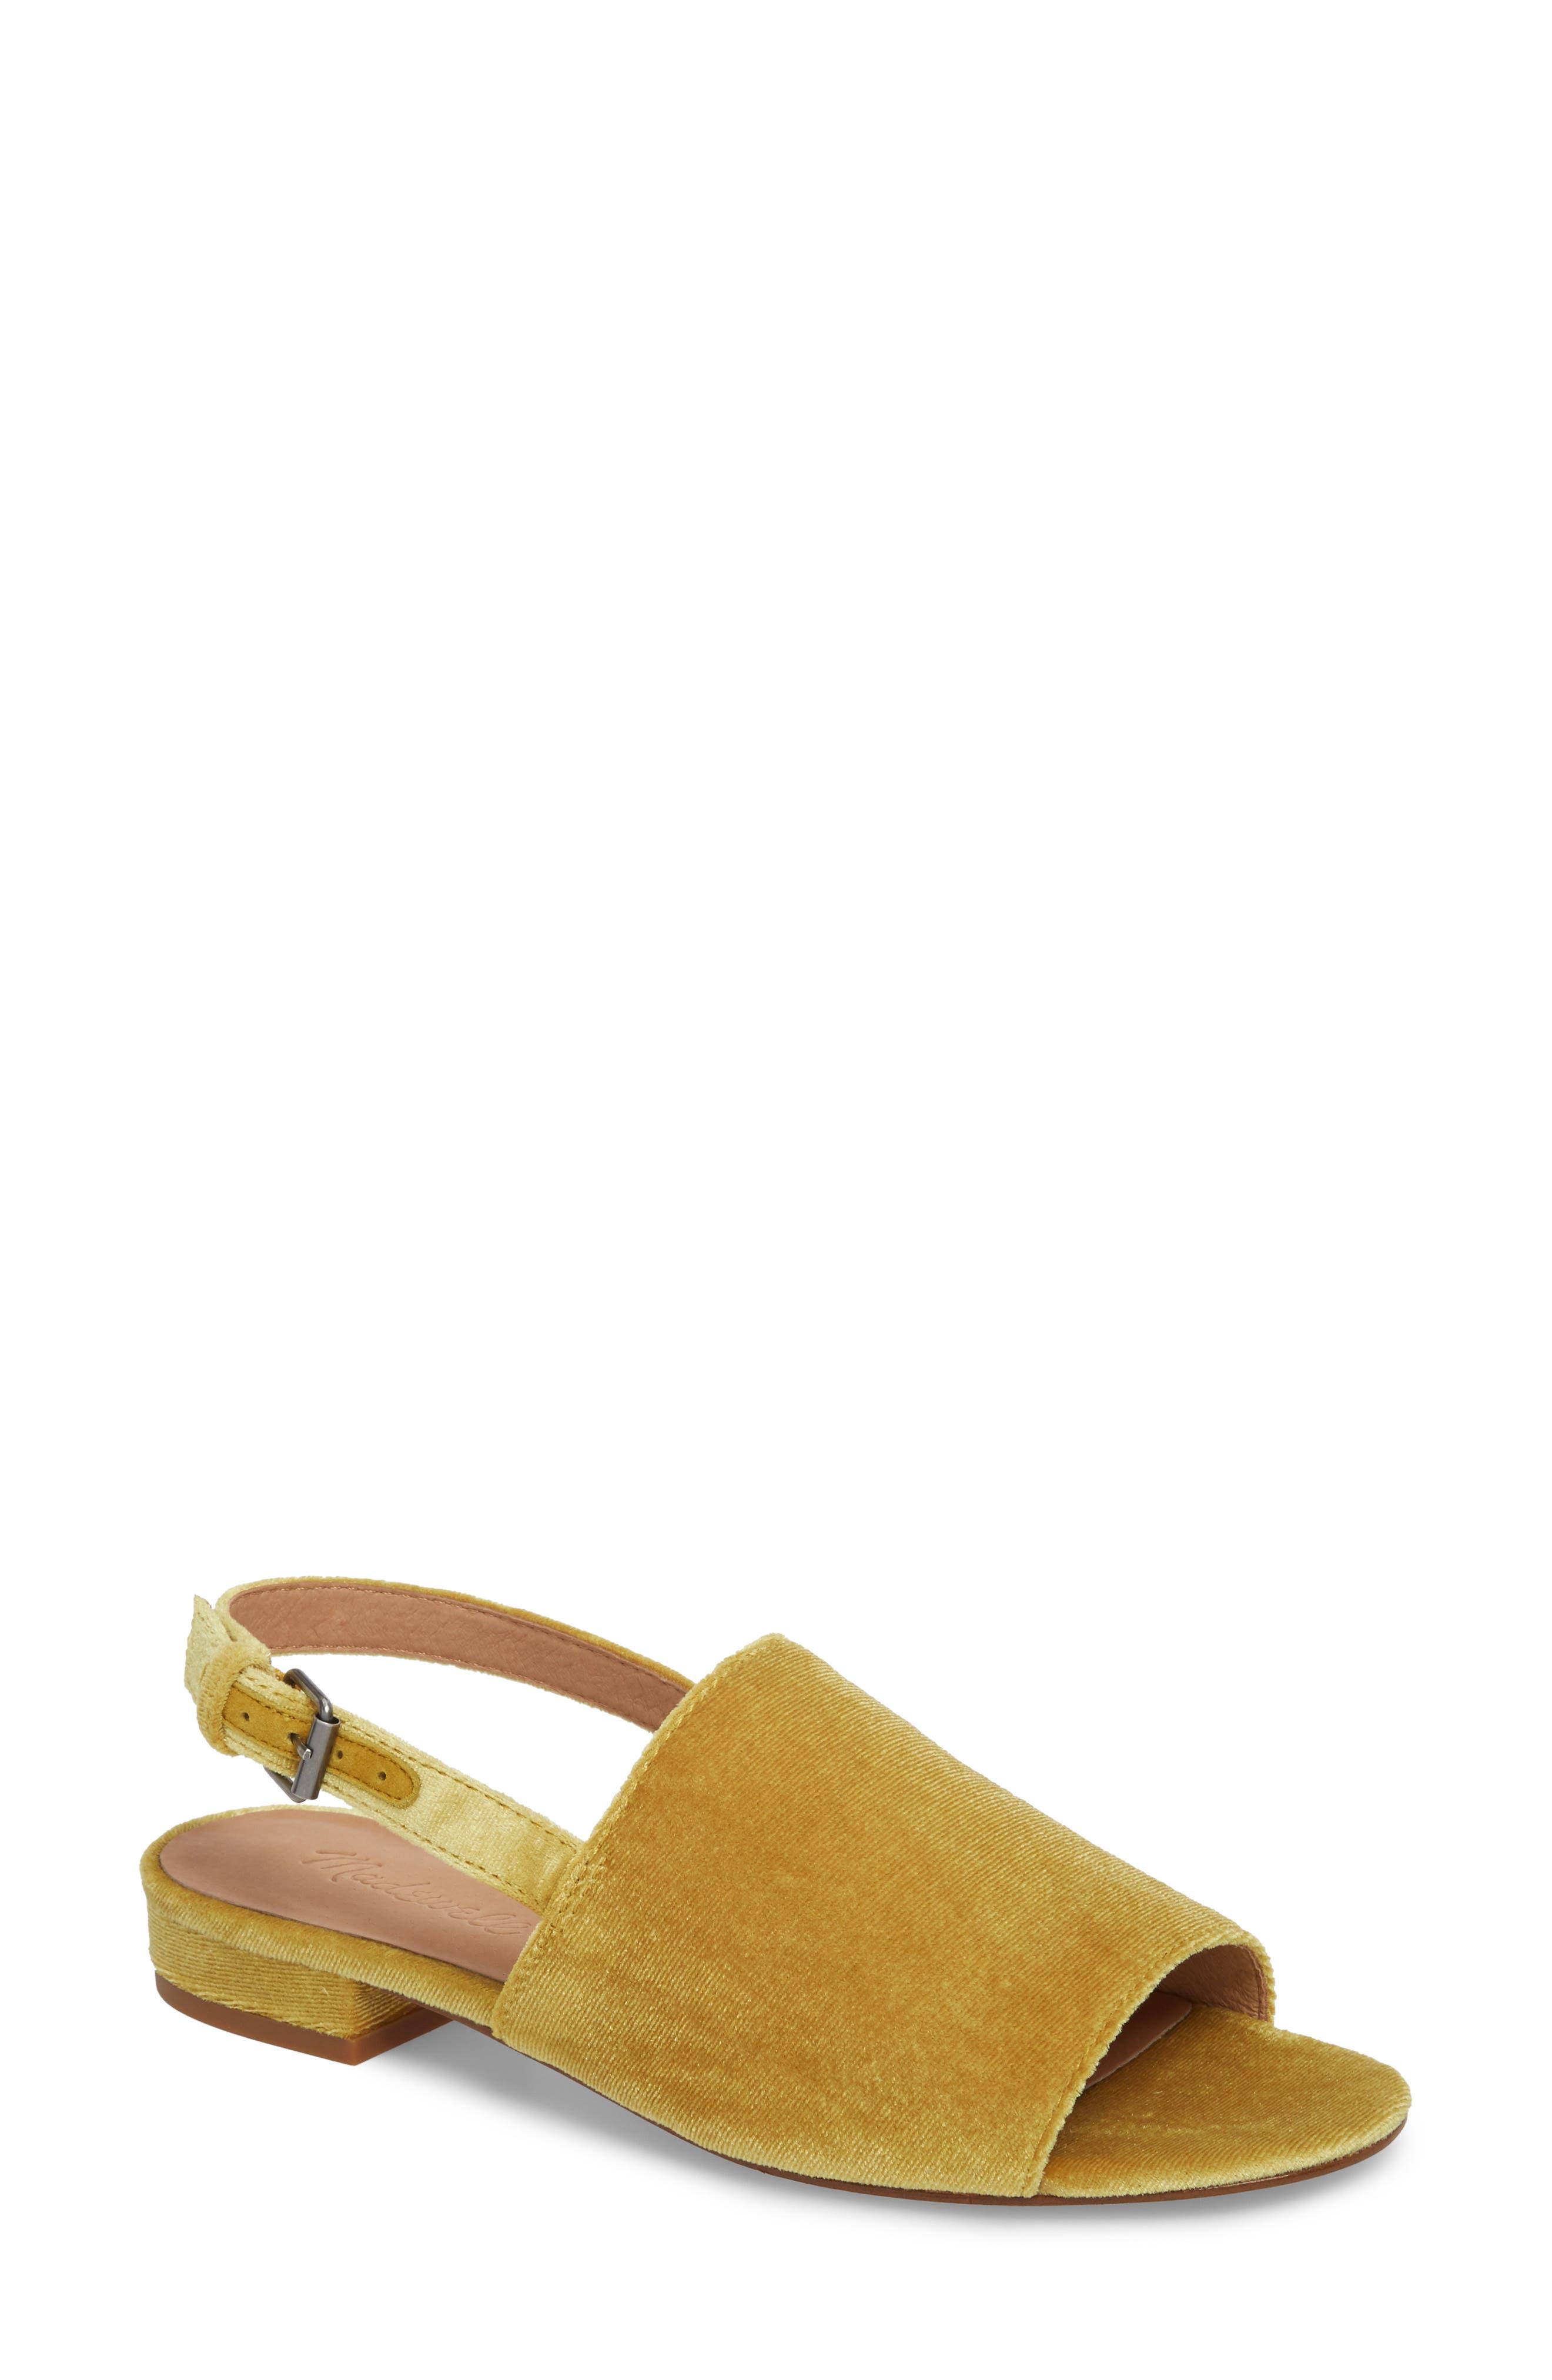 Noelle Slingback Sandal,                             Main thumbnail 1, color,                             Savannah Moss Velvet